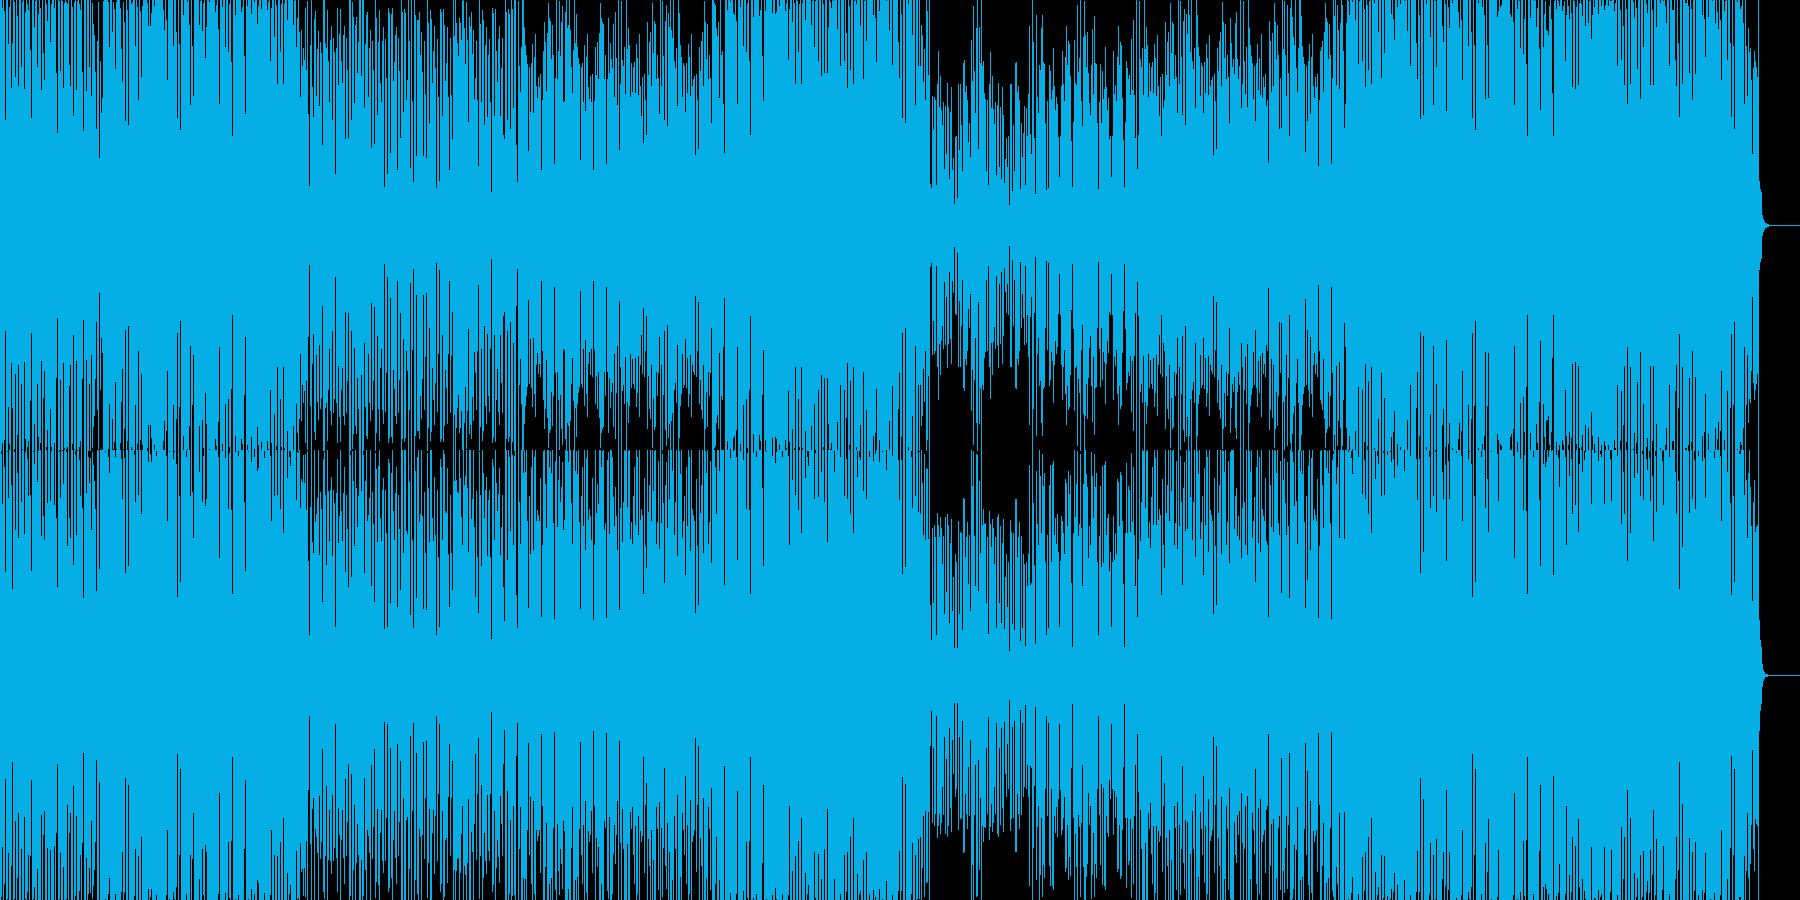 お洒落で超絶かっこいいクラブ系ハウス音楽の再生済みの波形